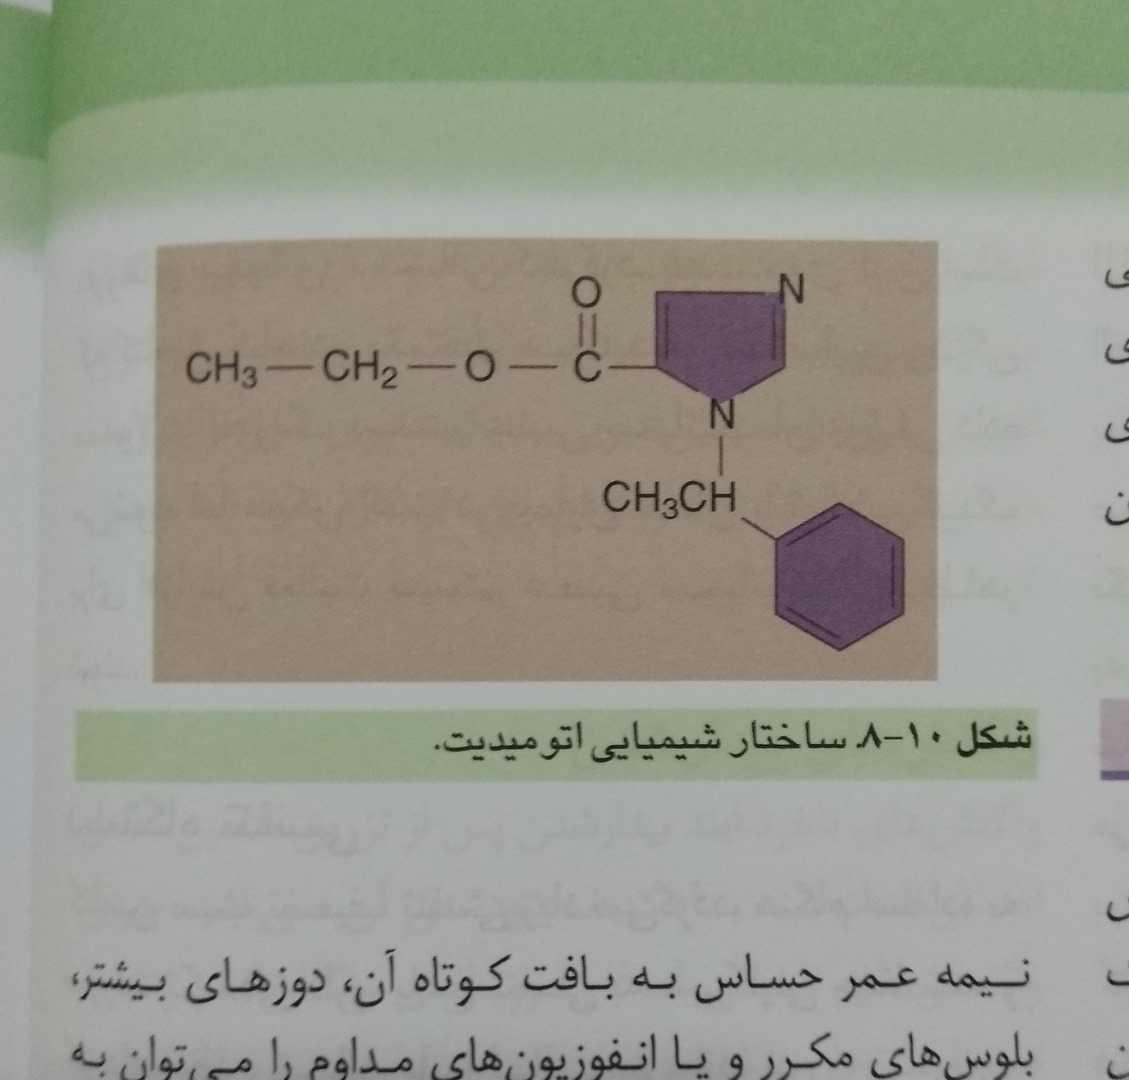 ساختار شیمیایی اتومیدیت (اصول بیهوشی میلر)